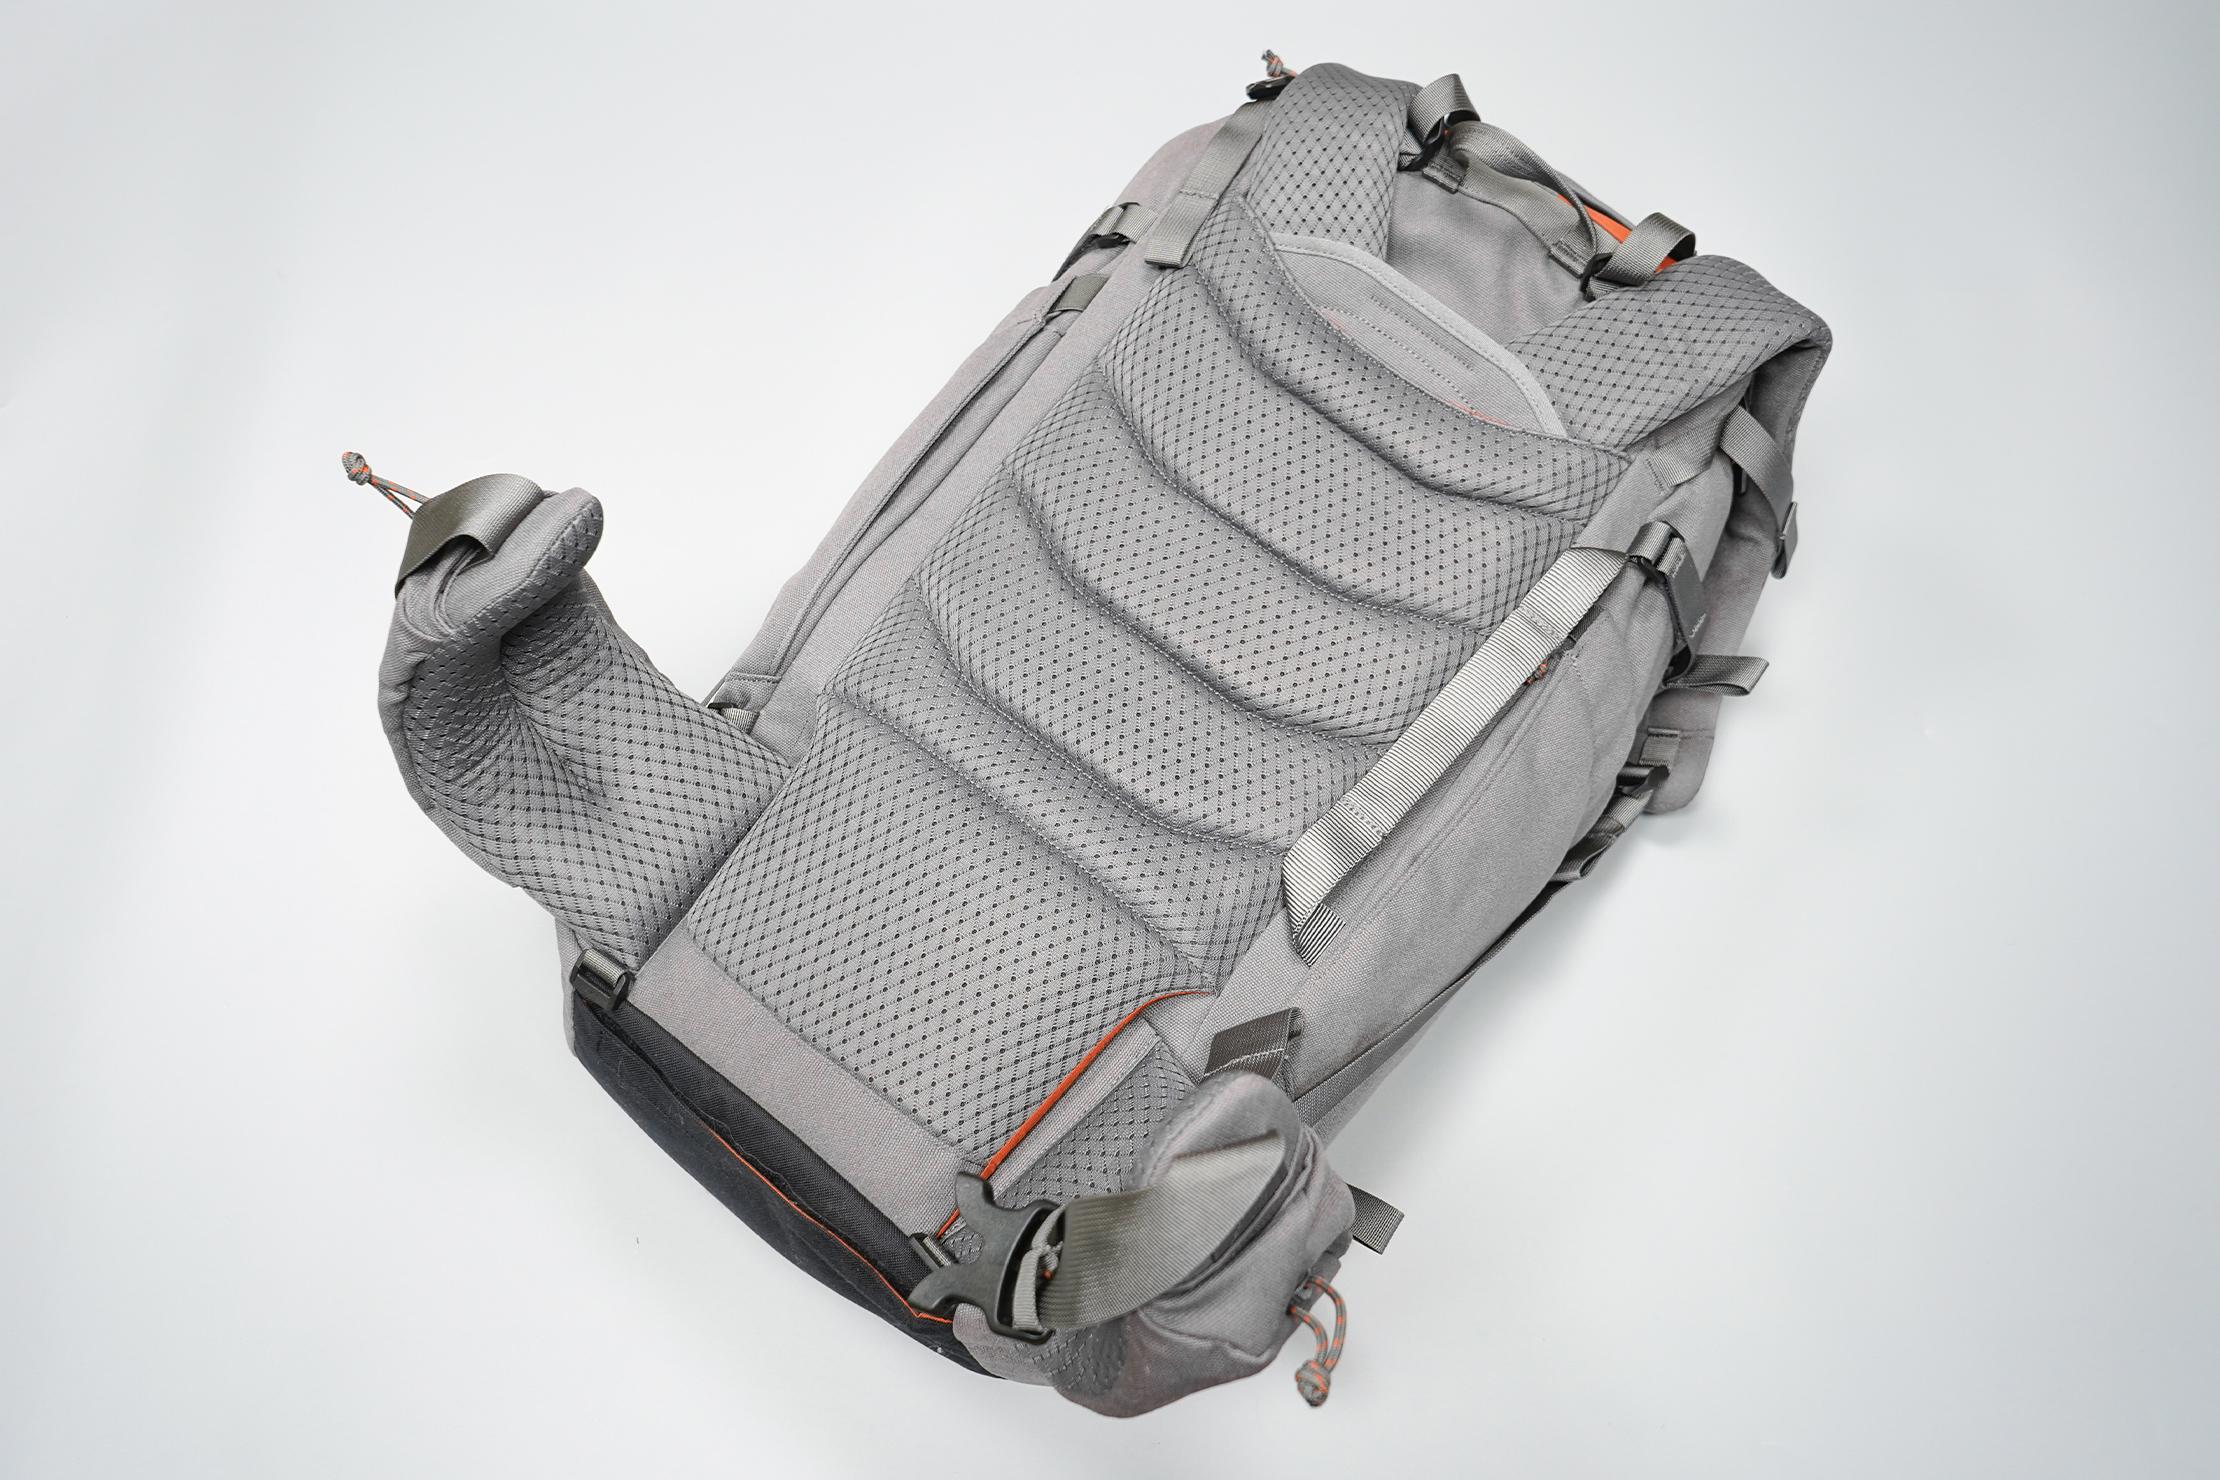 Salkan Backpacker | The mesh-covered back panel of the Mainpack